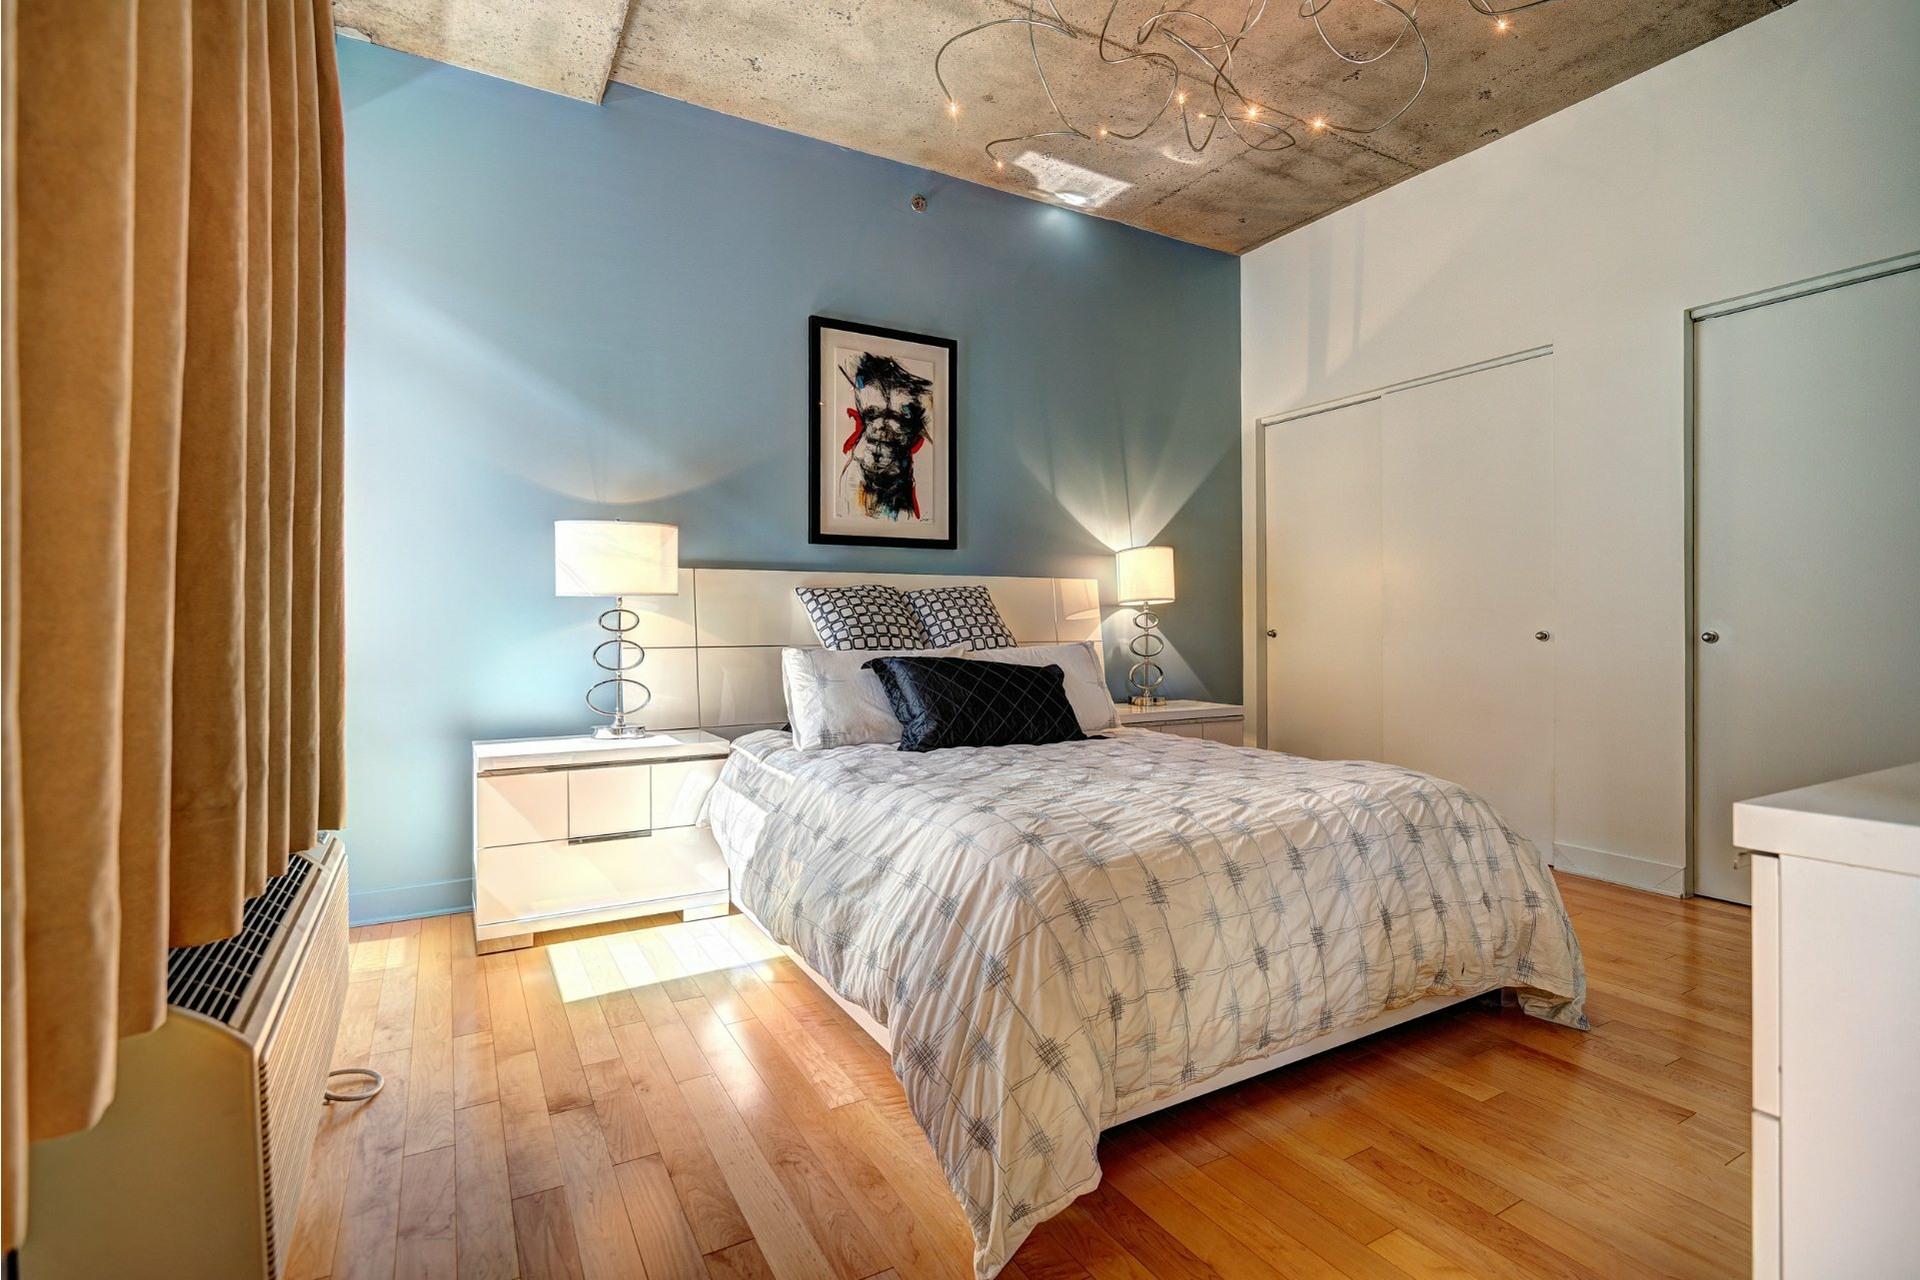 image 20 - Appartement À louer Villeray/Saint-Michel/Parc-Extension Montréal  - 8 pièces